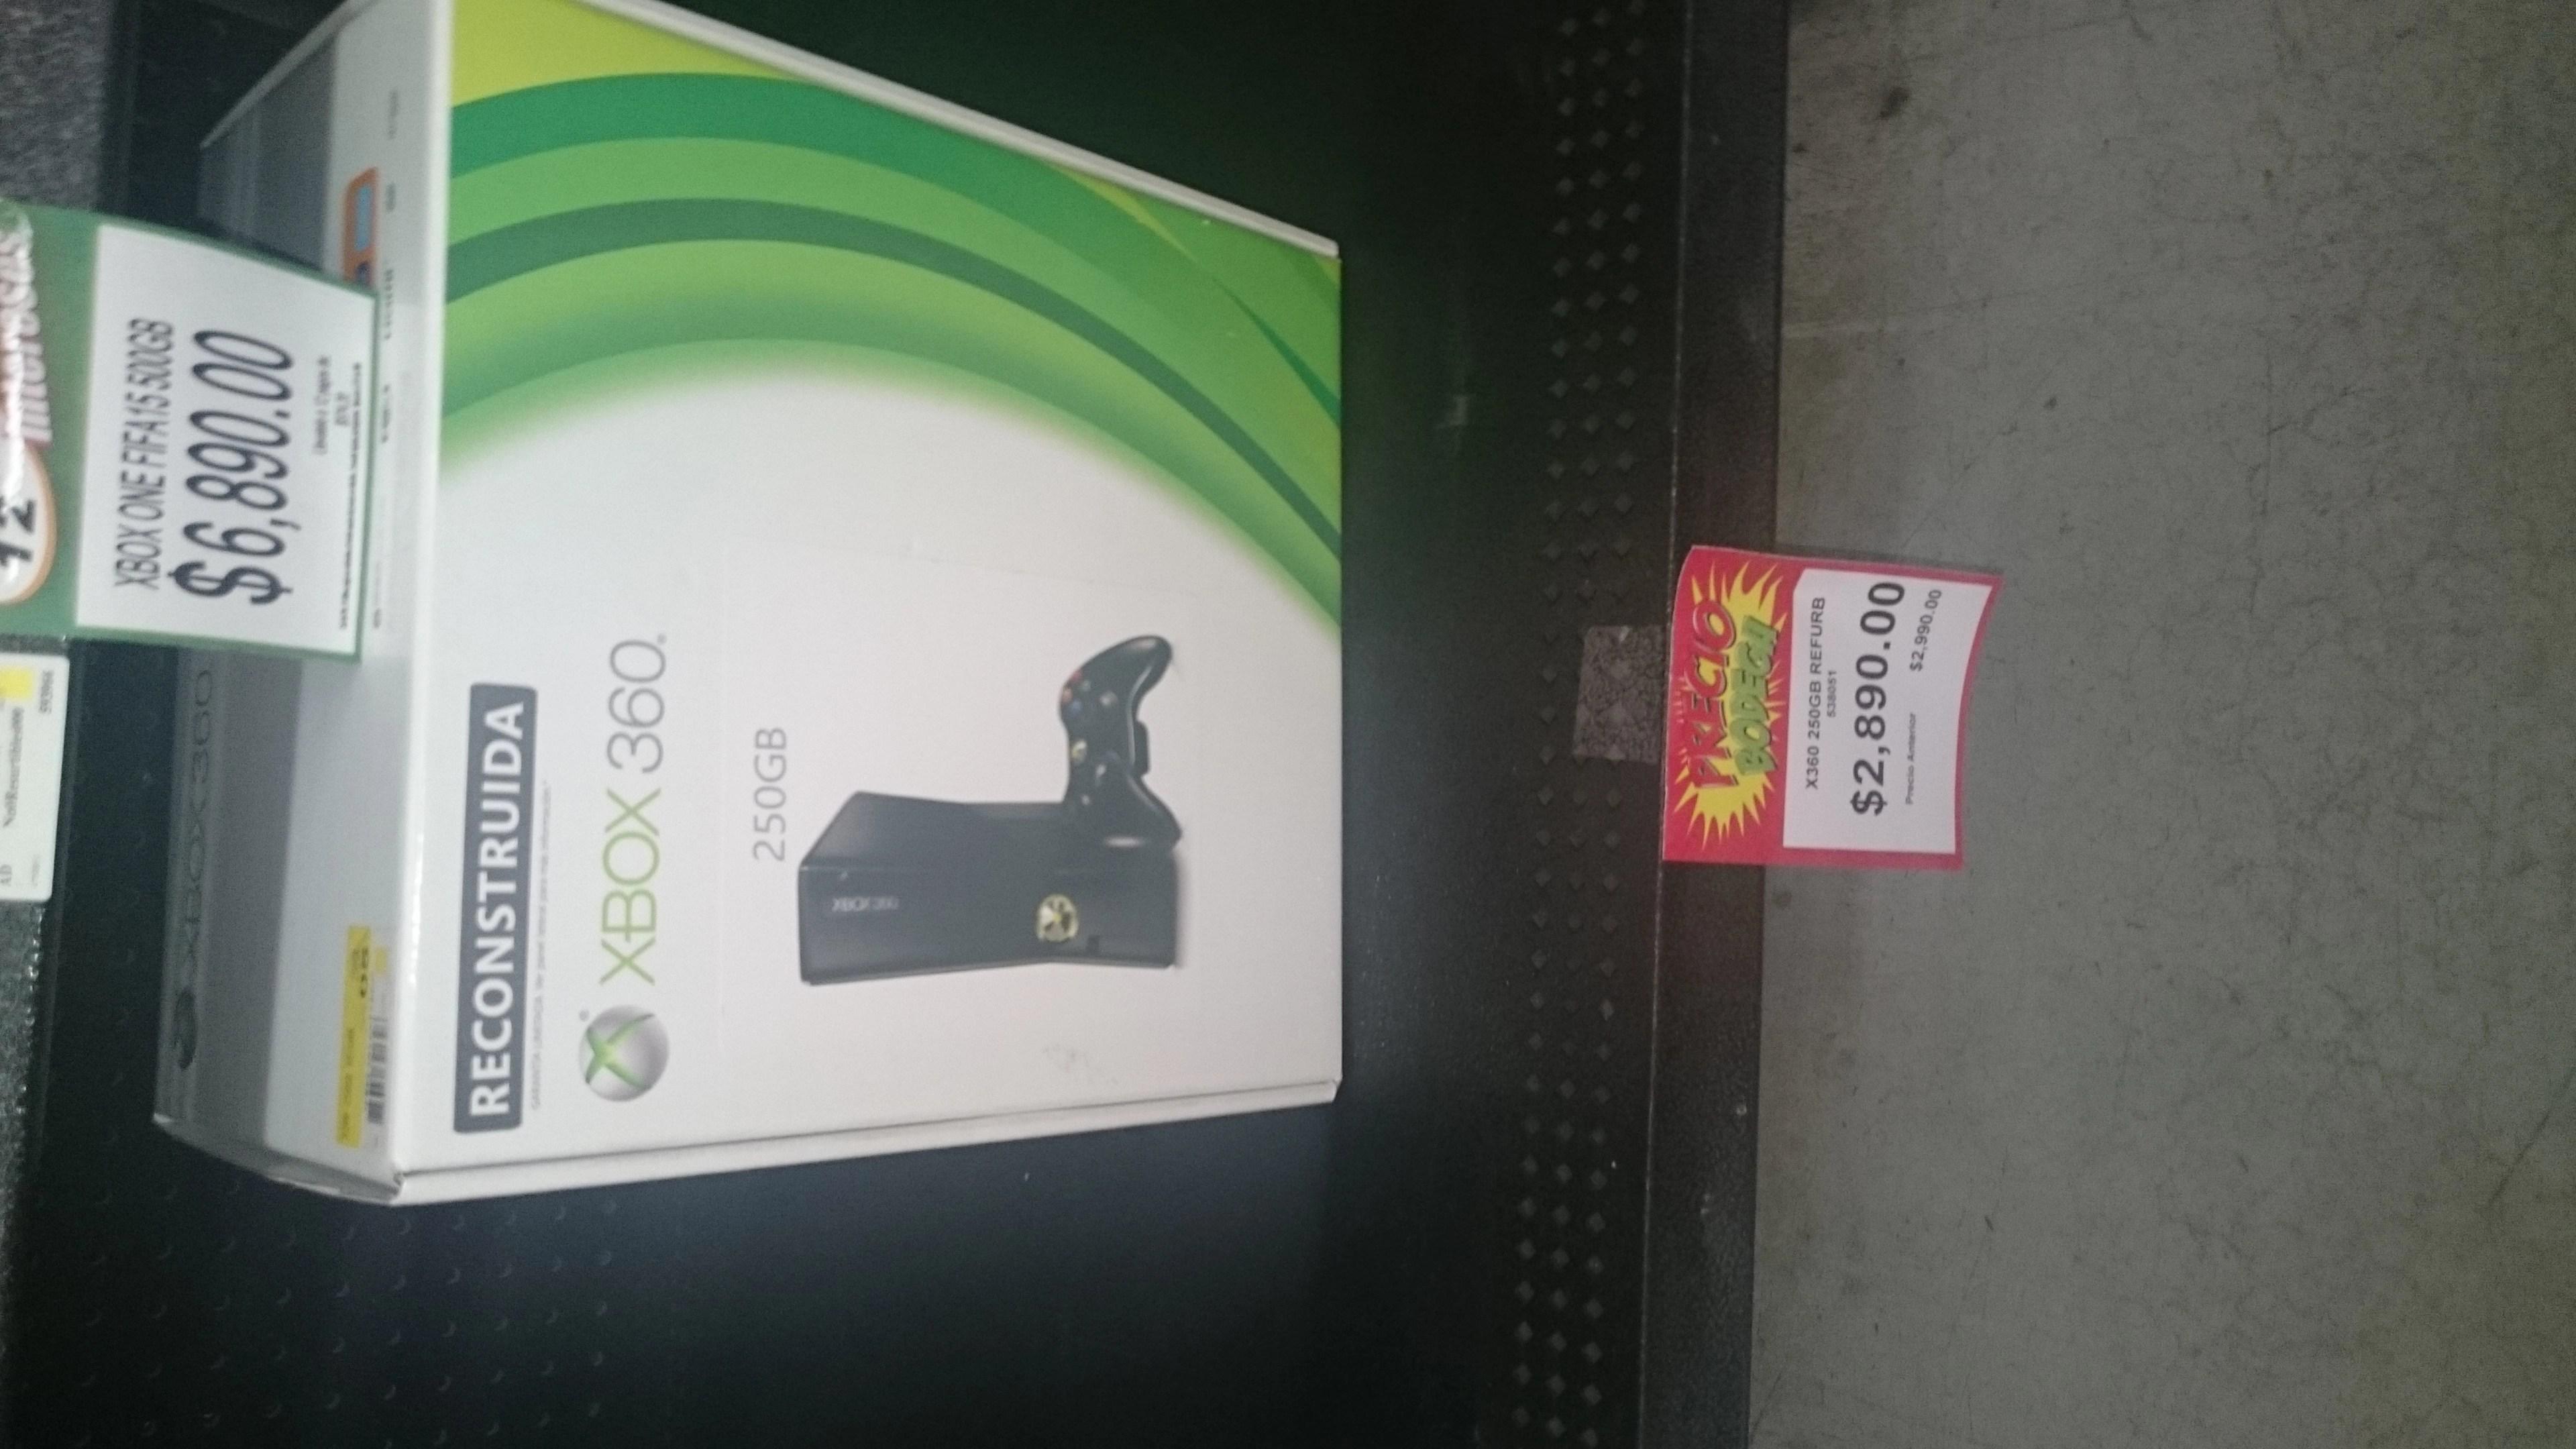 Bodega Aurrer Xbox 360 250 Gb Reacondicionada 2890